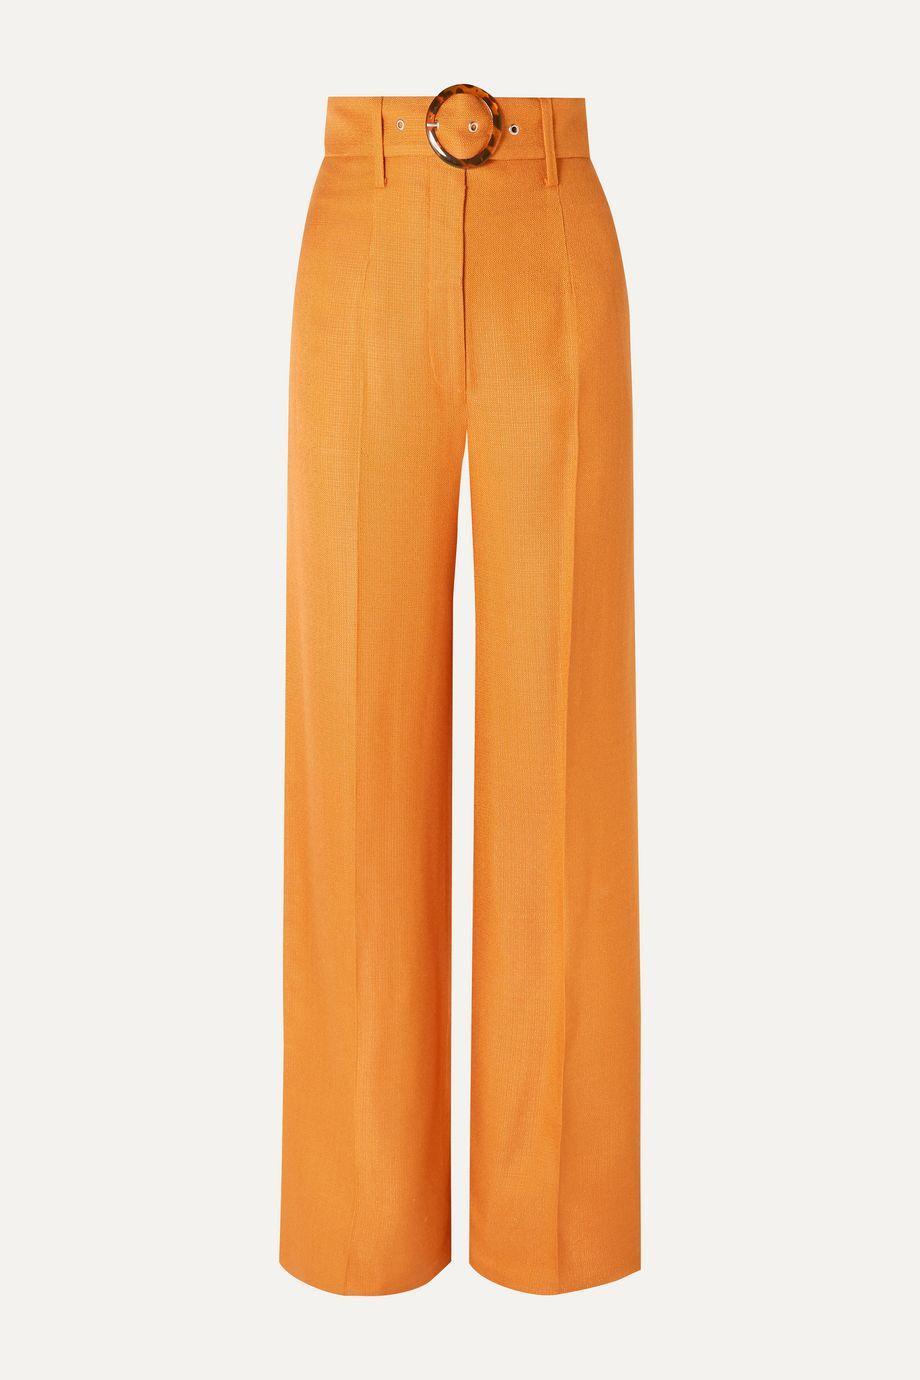 De La Vali Lily belted woven wide-leg pants